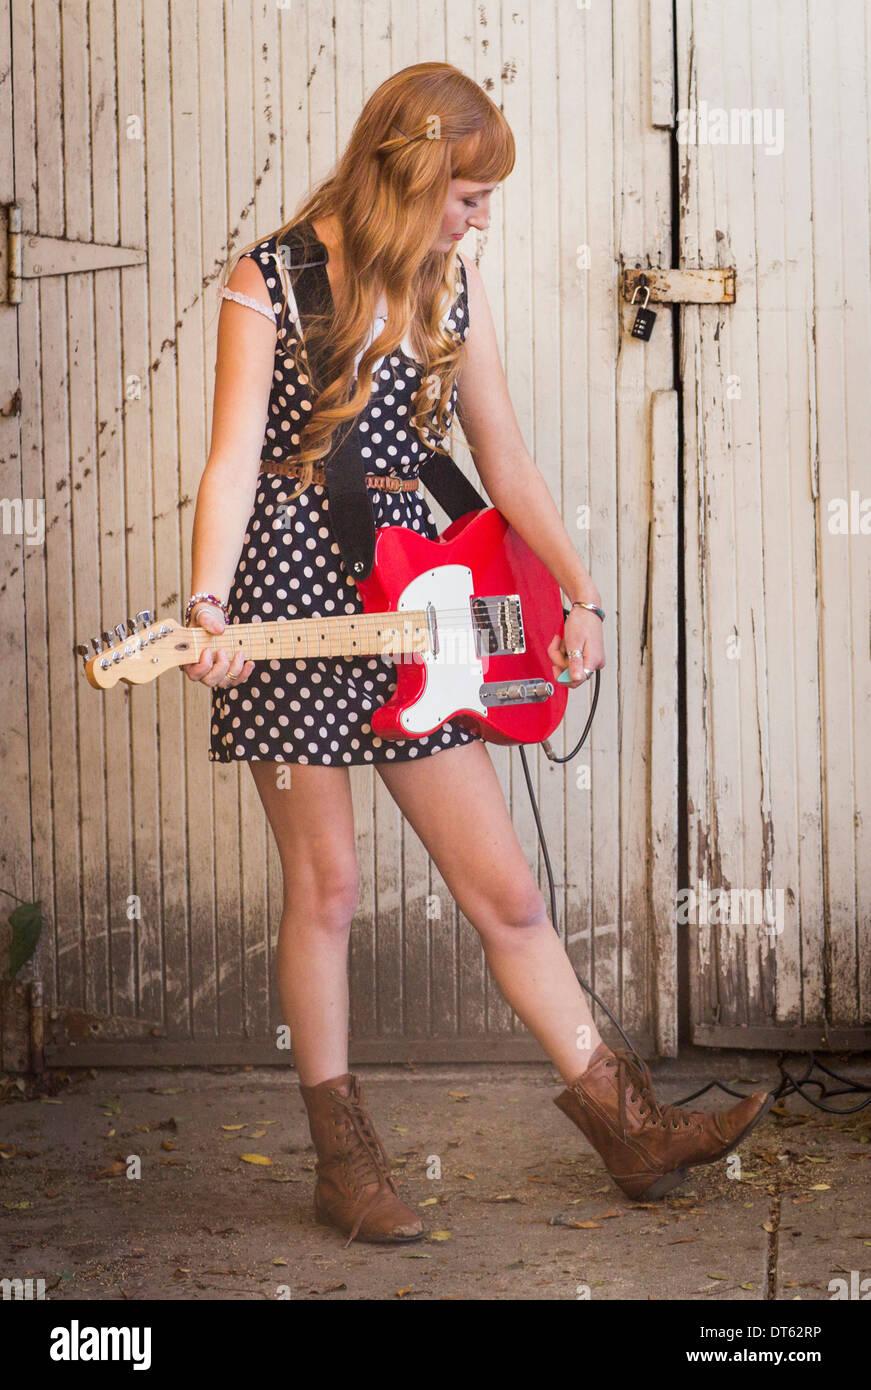 Junge Frau spielt e-Gitarre in Hof Stockbild